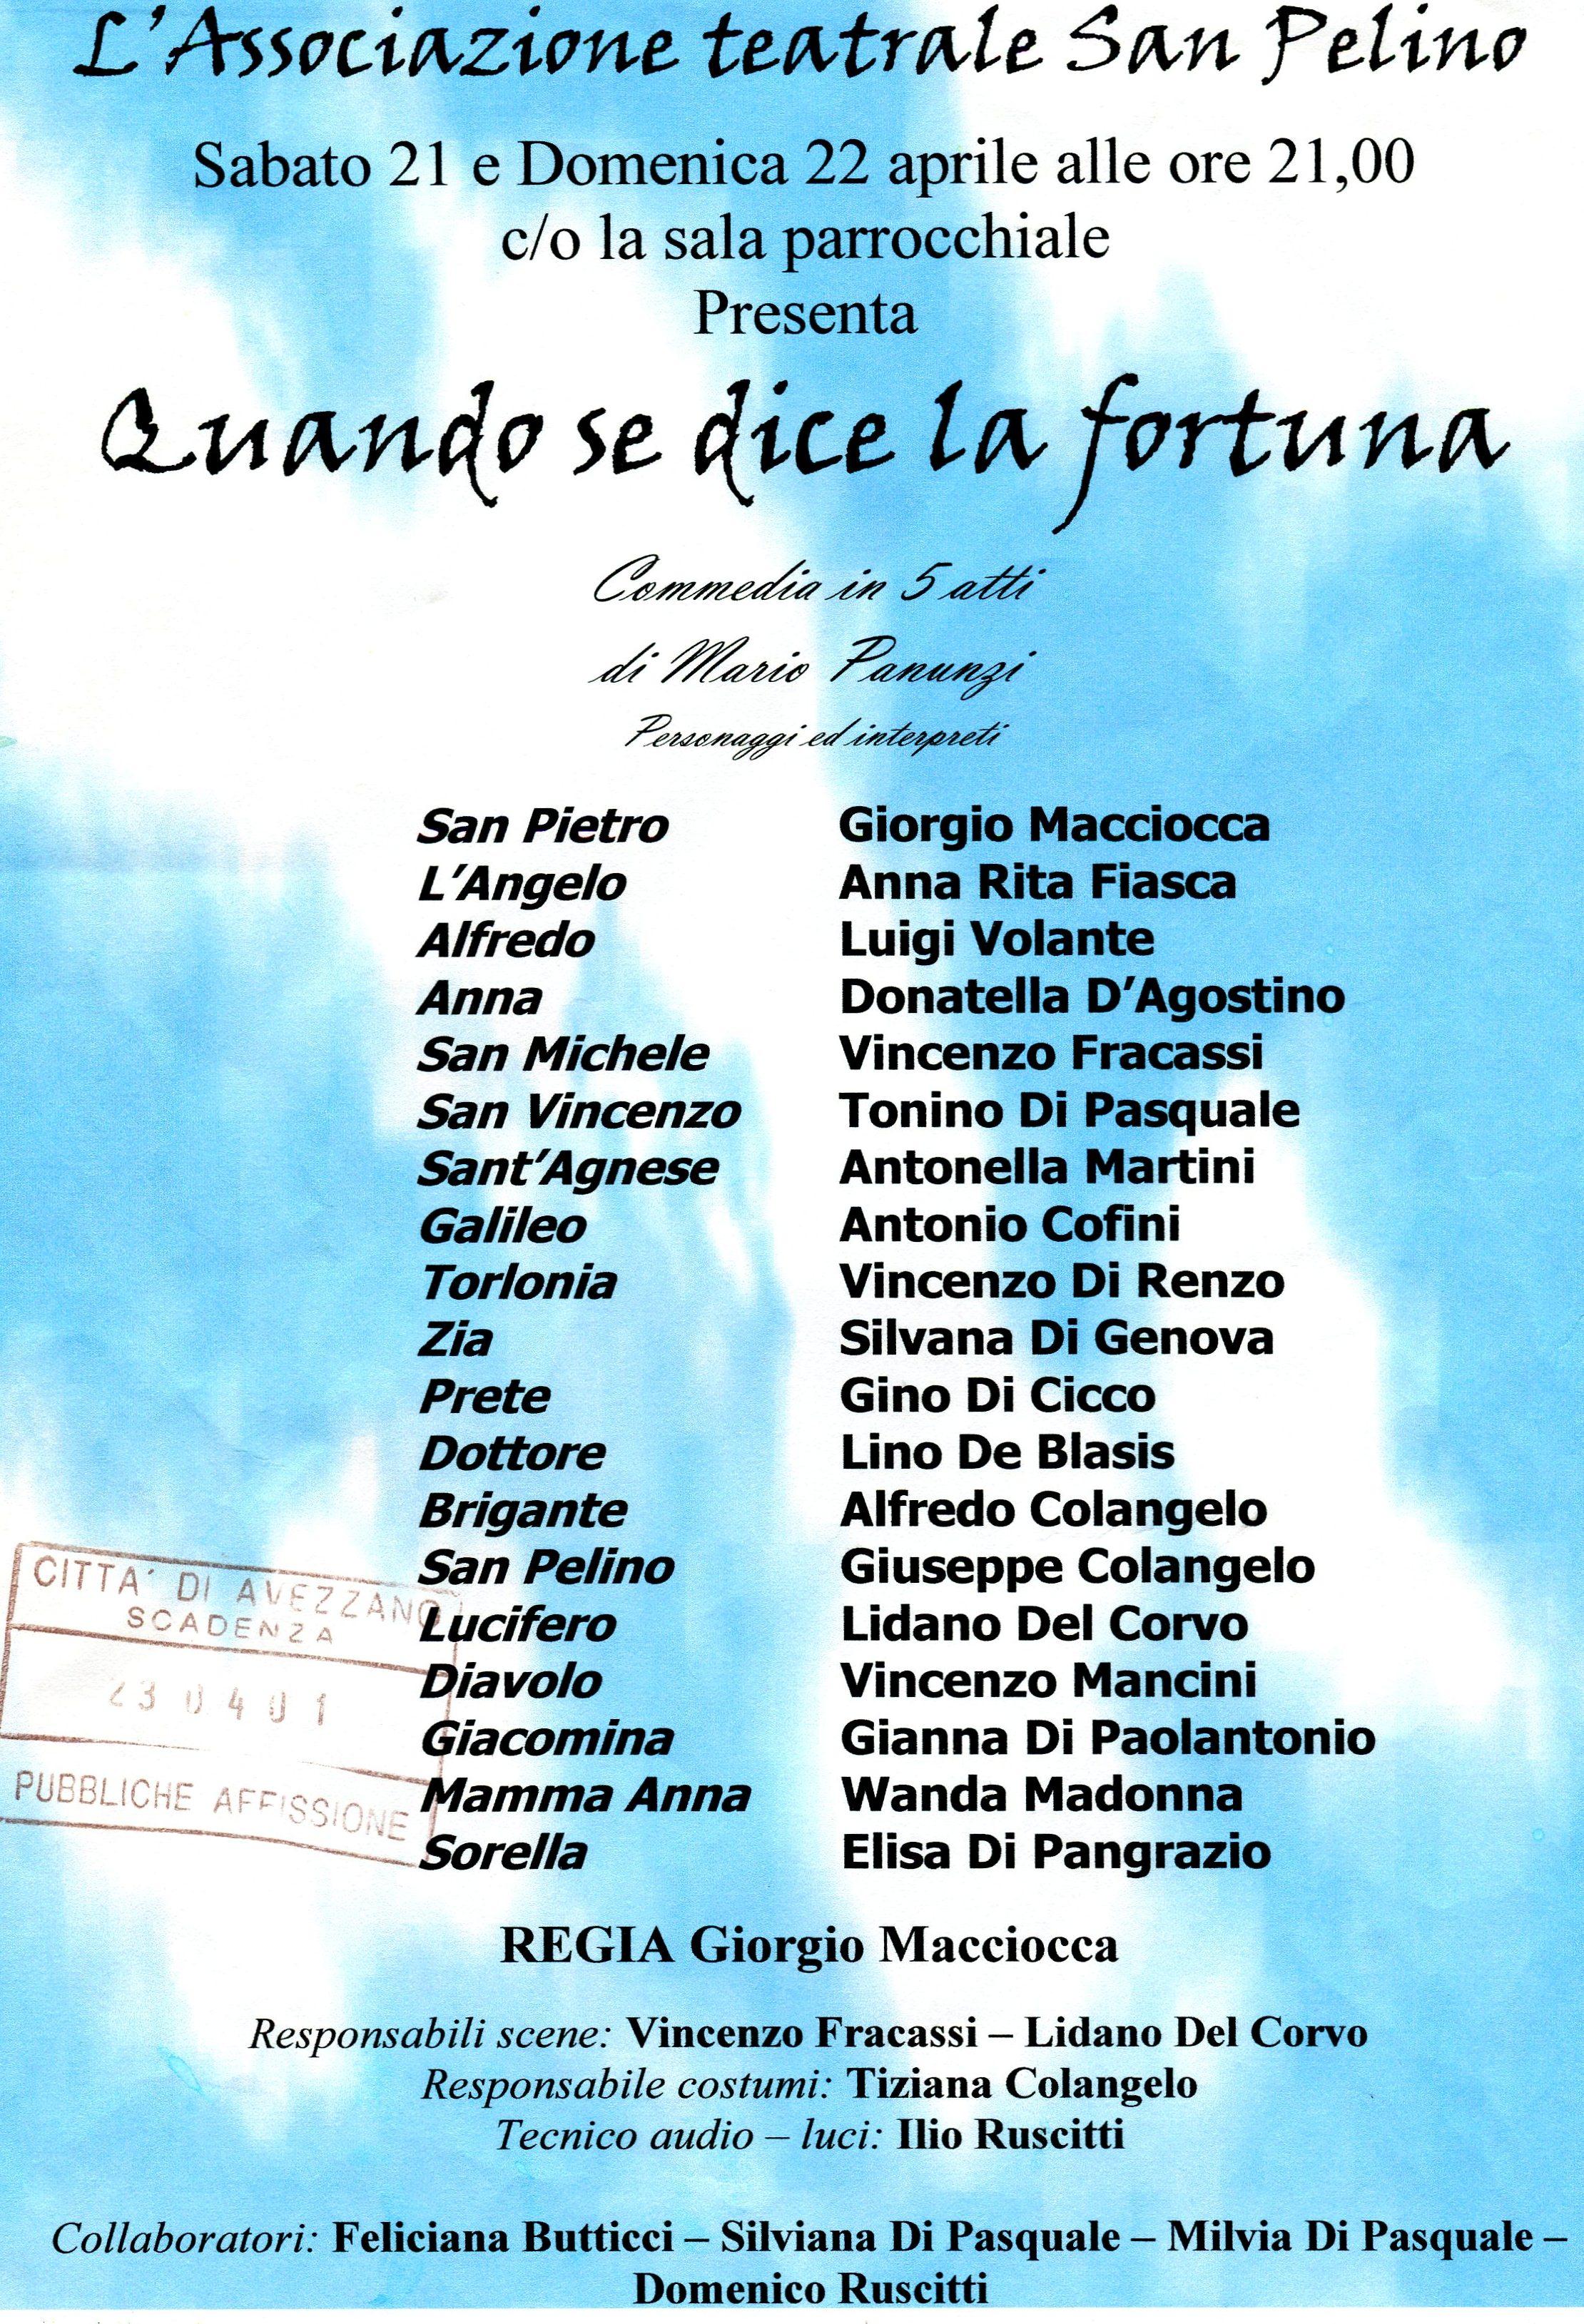 Locandina 2001